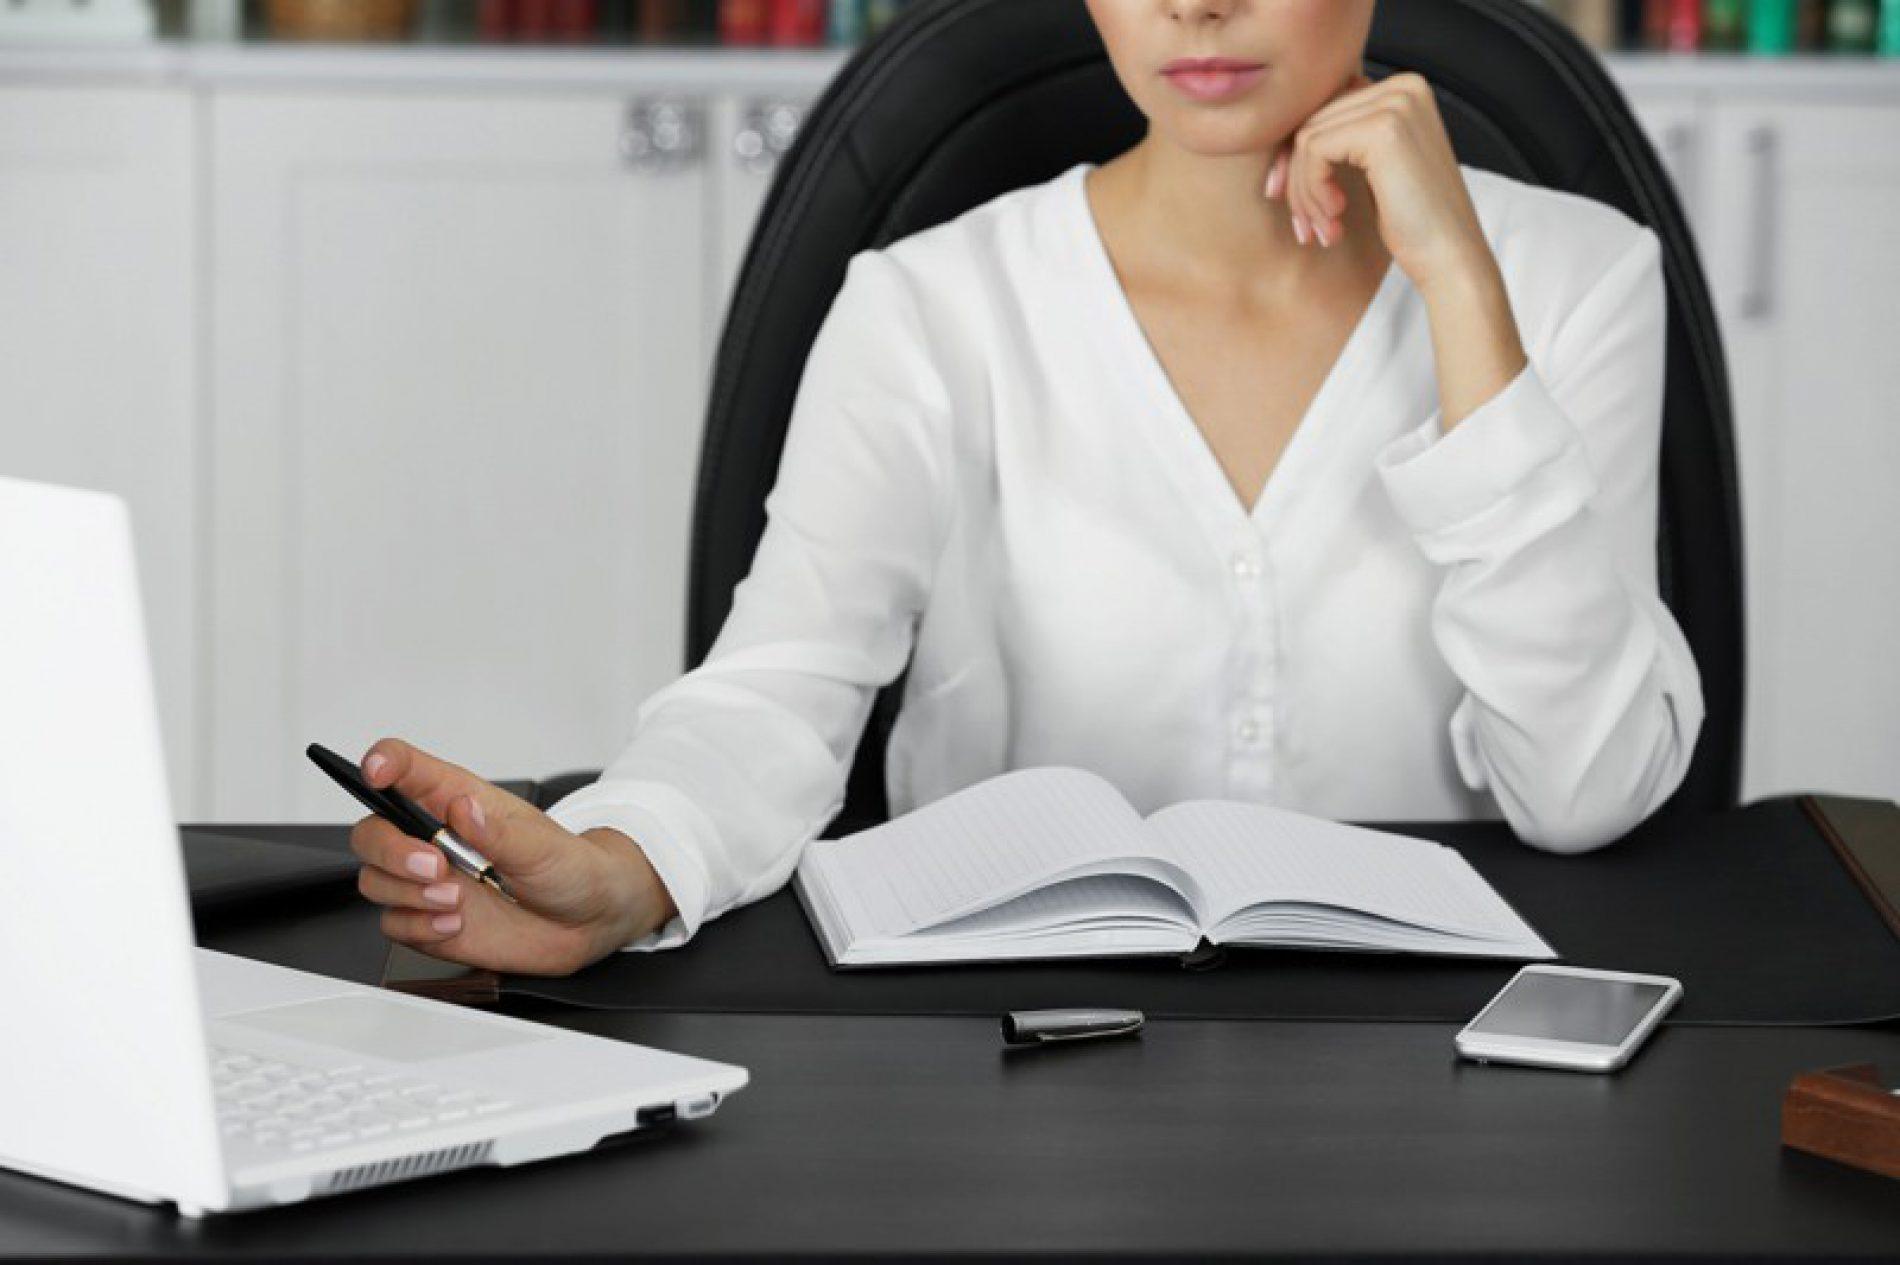 Le imprese al femminile crescono, nel 2017 10 mila in più